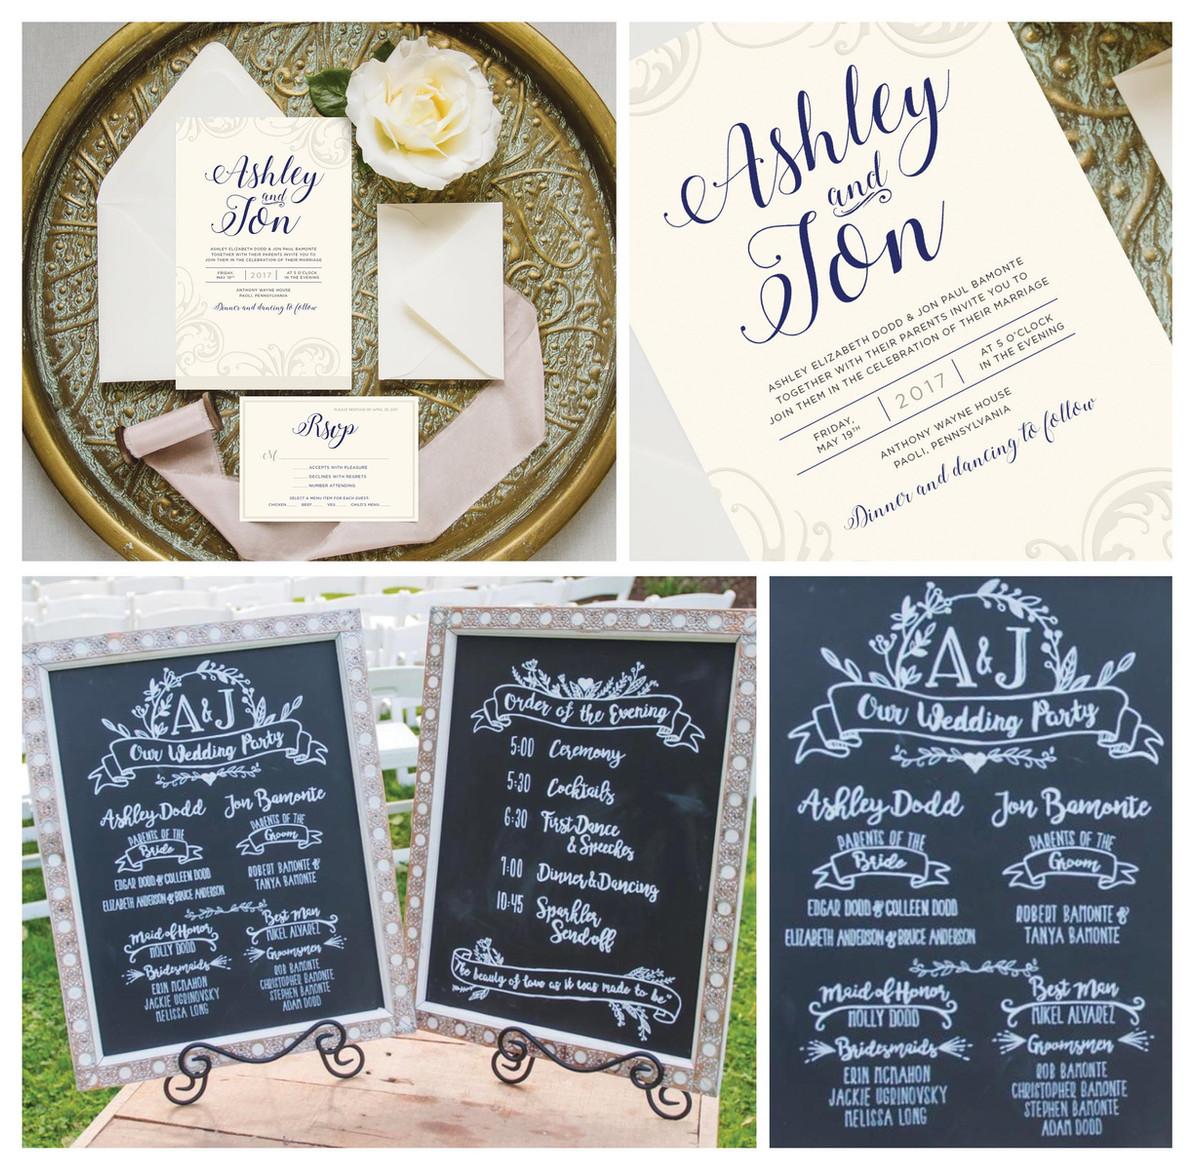 Ashley and Jon's Wedding